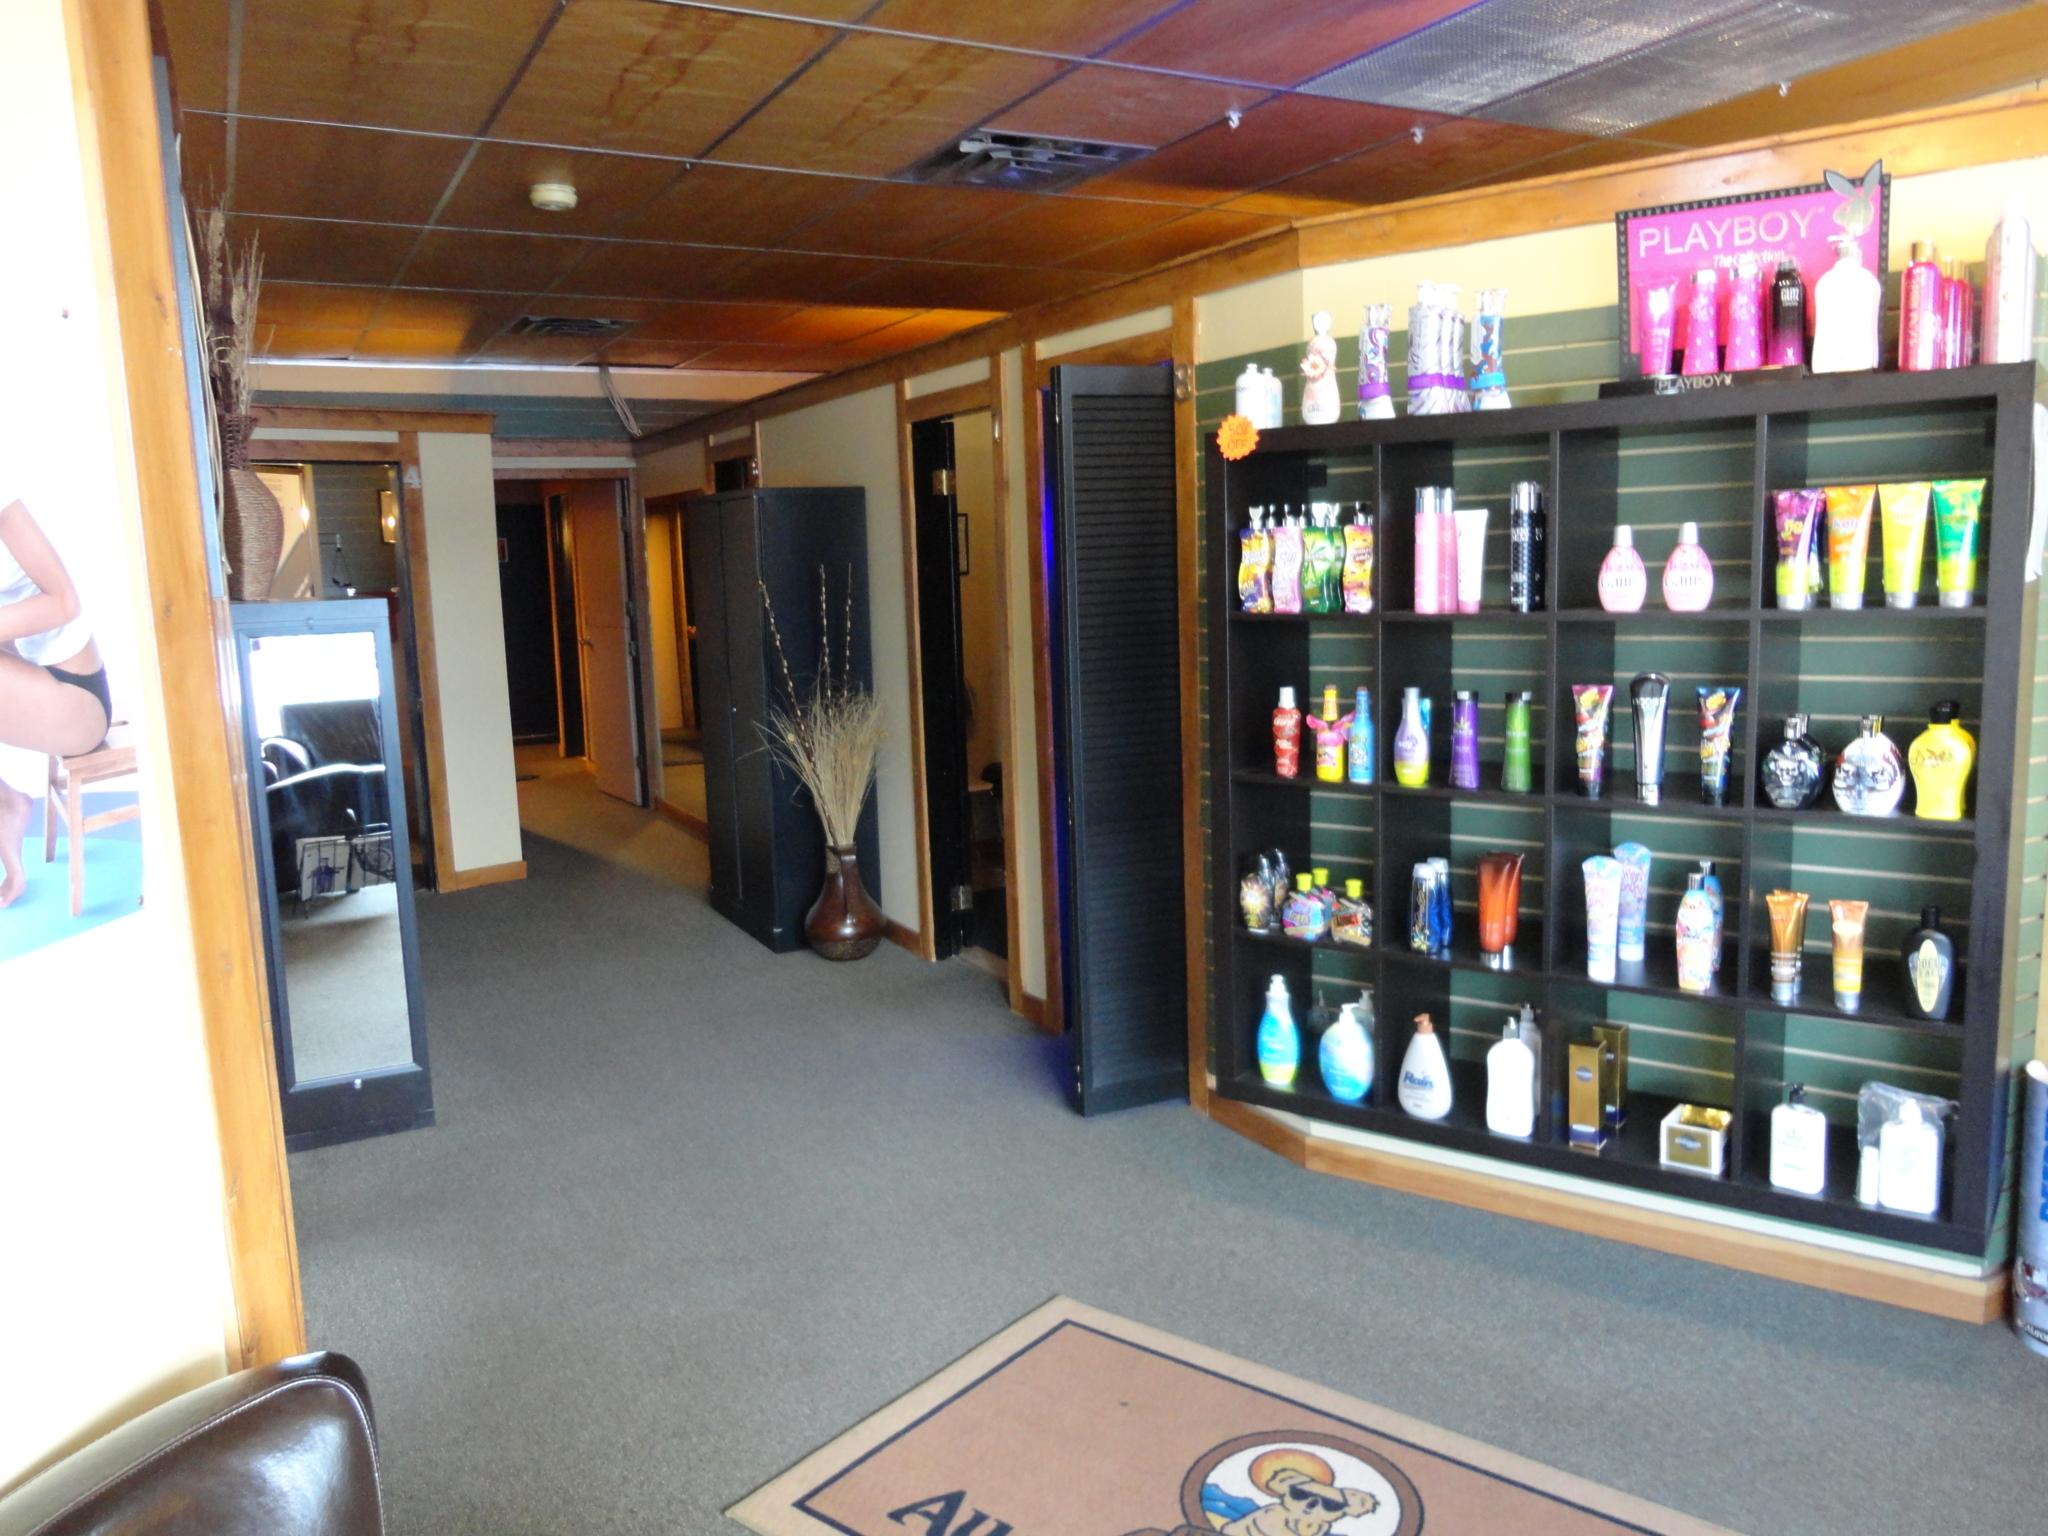 Kix tanning salon vancouver bc ourbis for A salon vancouver